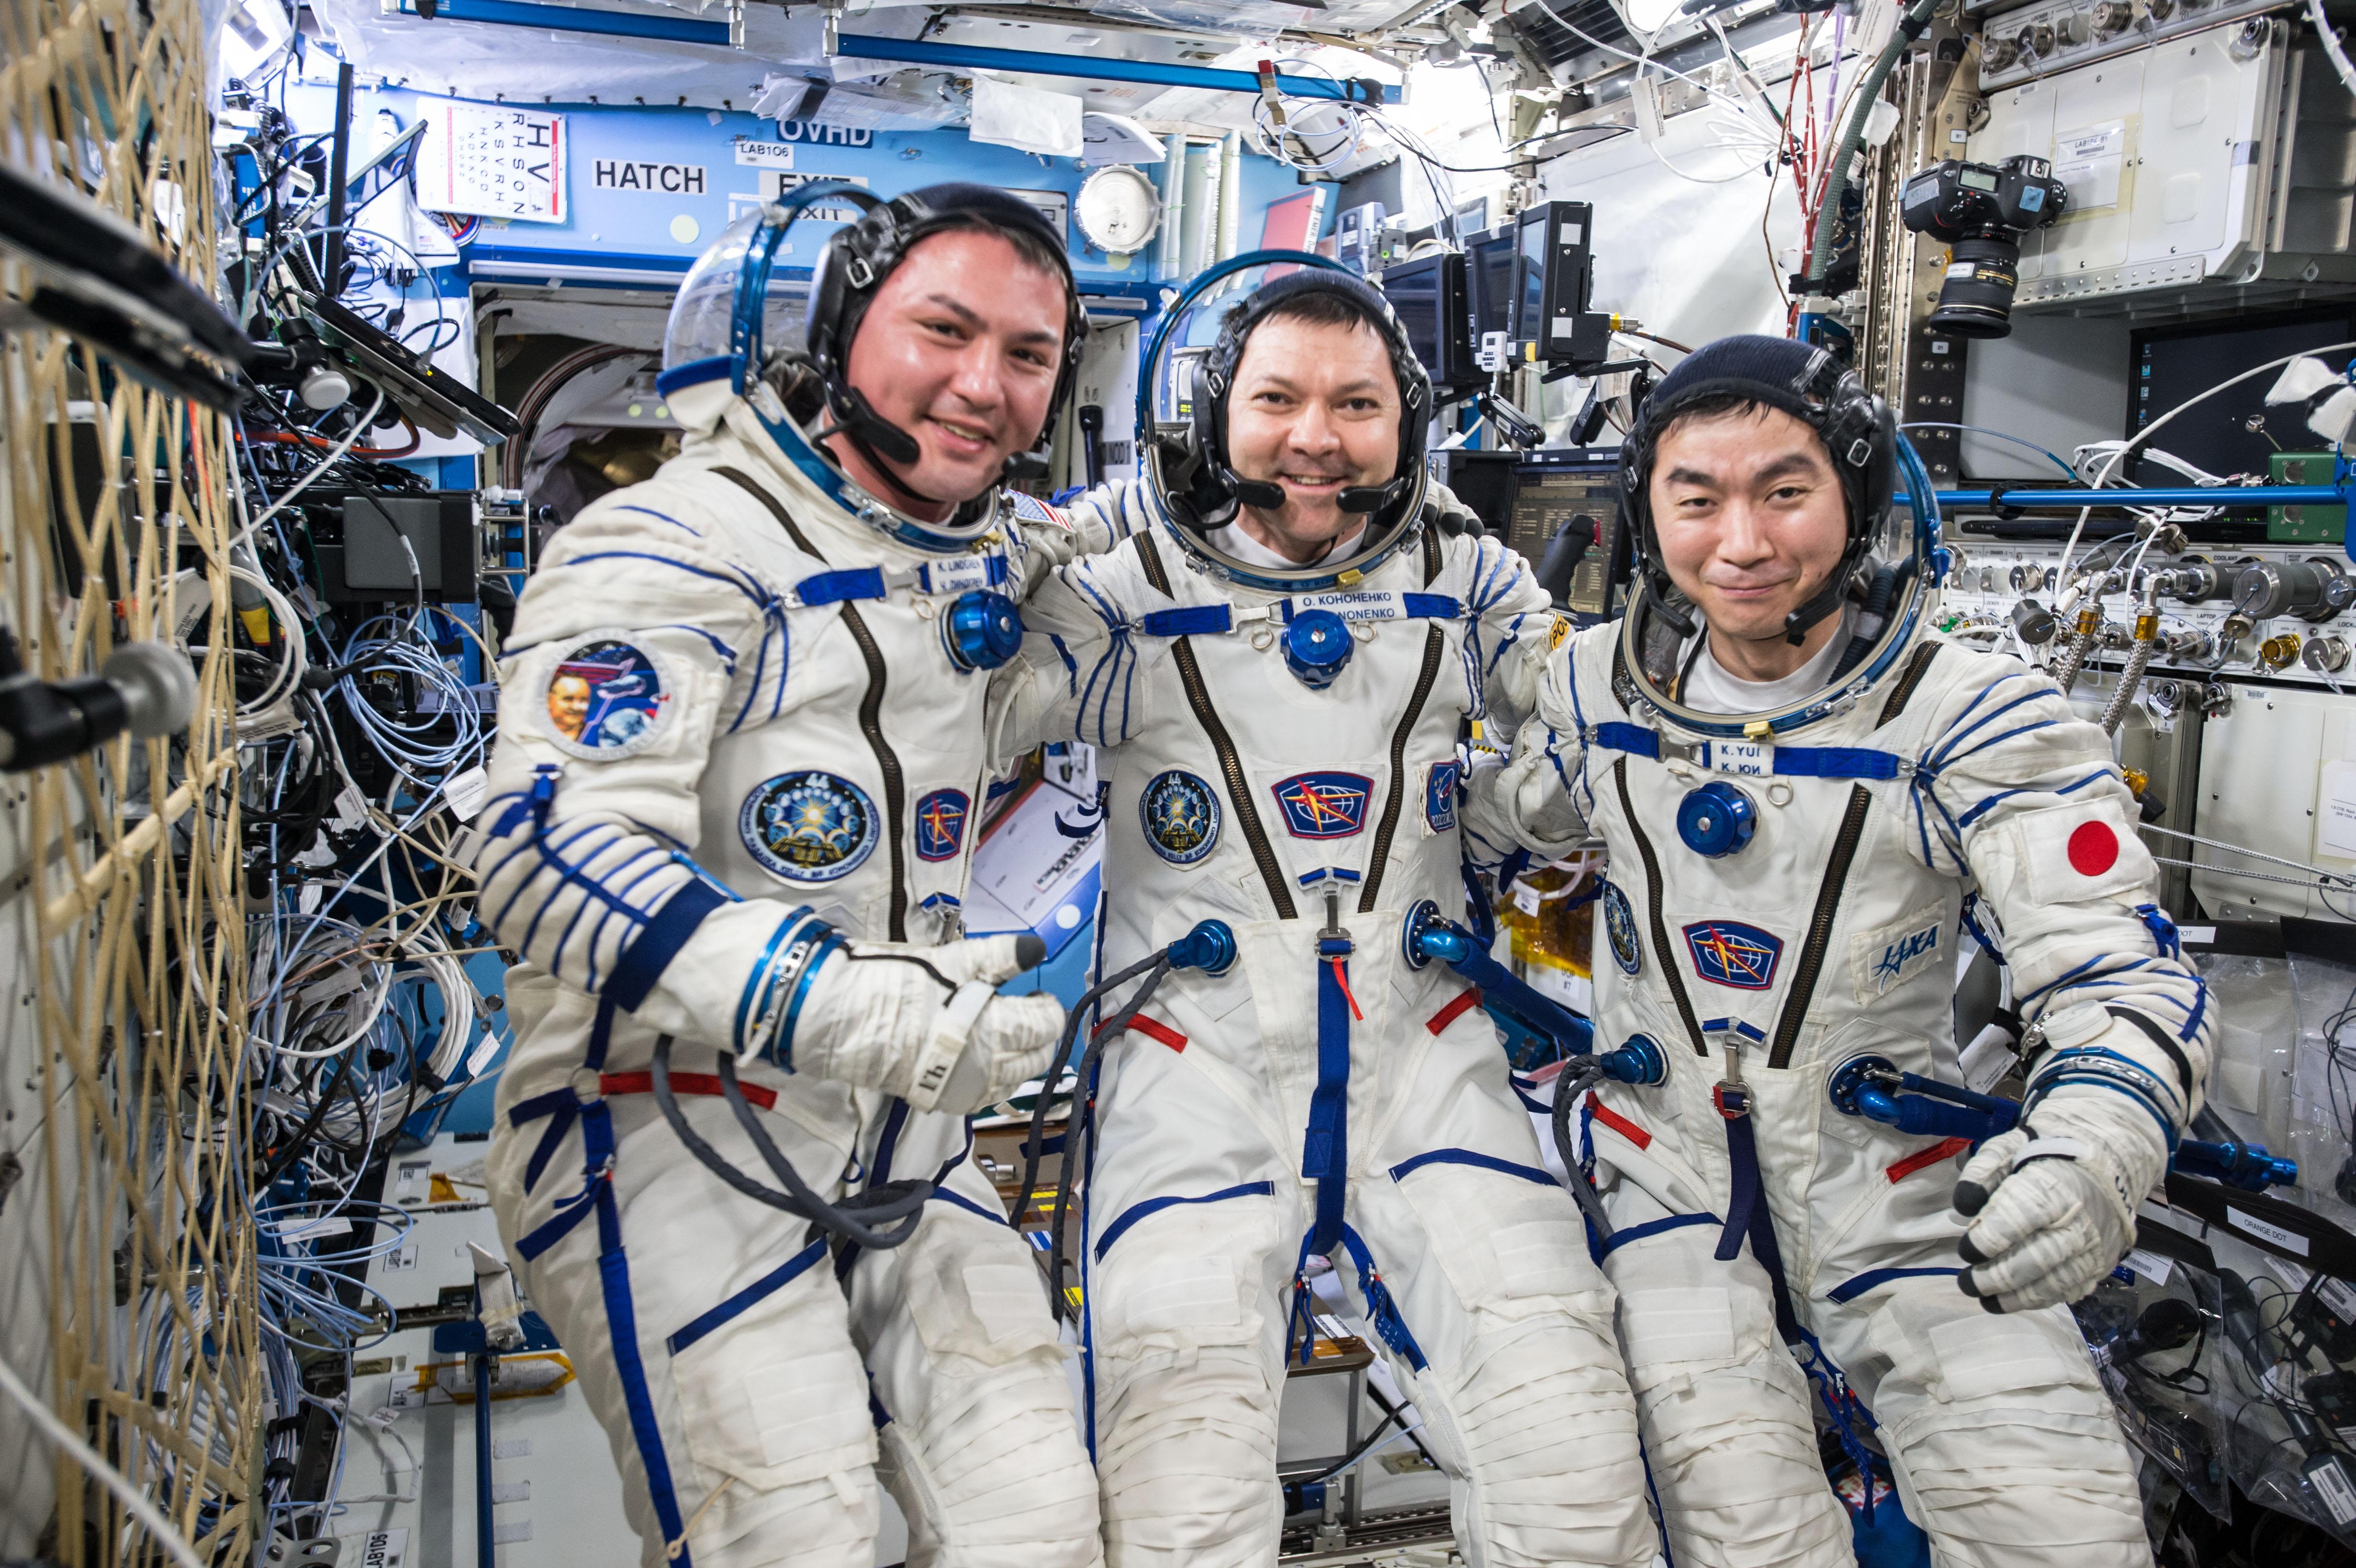 Η Αποστολή 45 προσγειώθηκε στο Καζακστάν